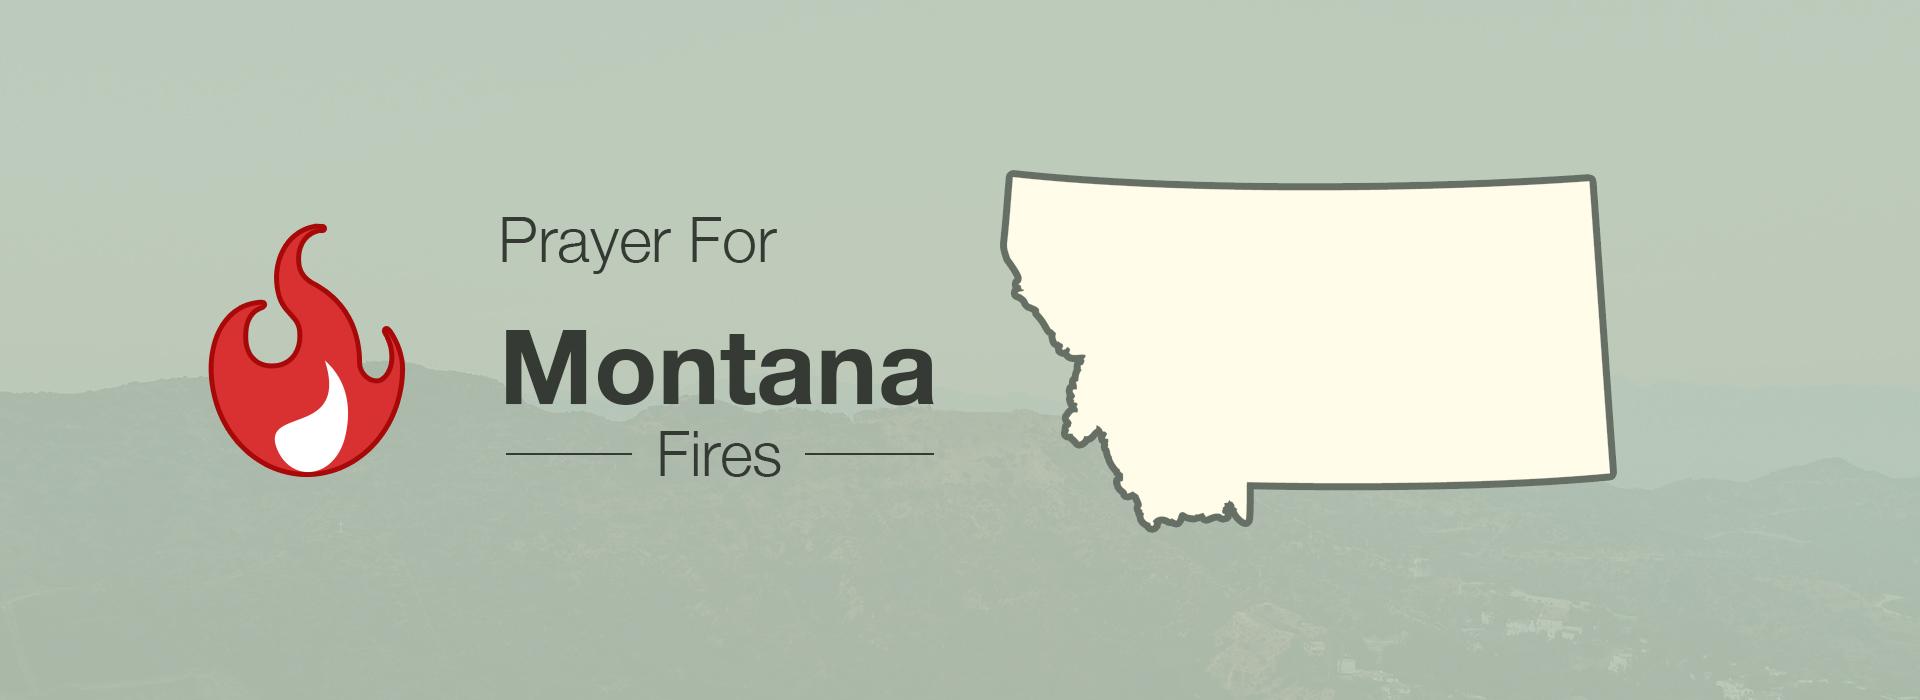 FastingPrayerDay_Montana.jpg